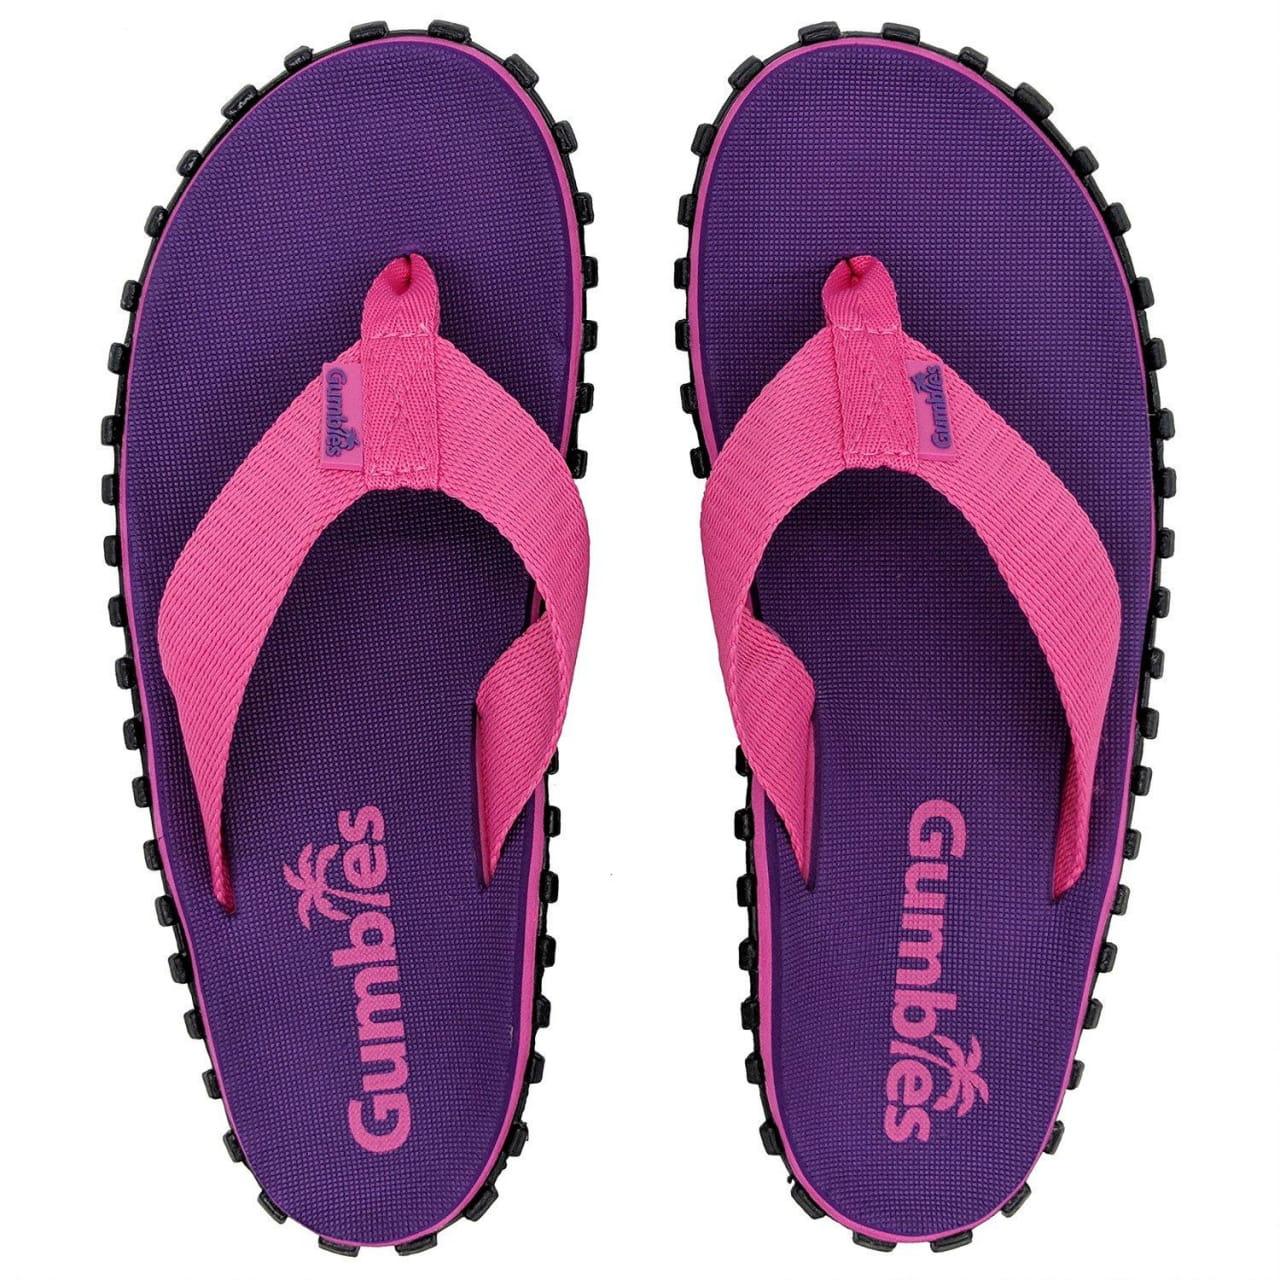 Plážové žabky přizpůsobené k vodě Gumbies Duckbill Purple